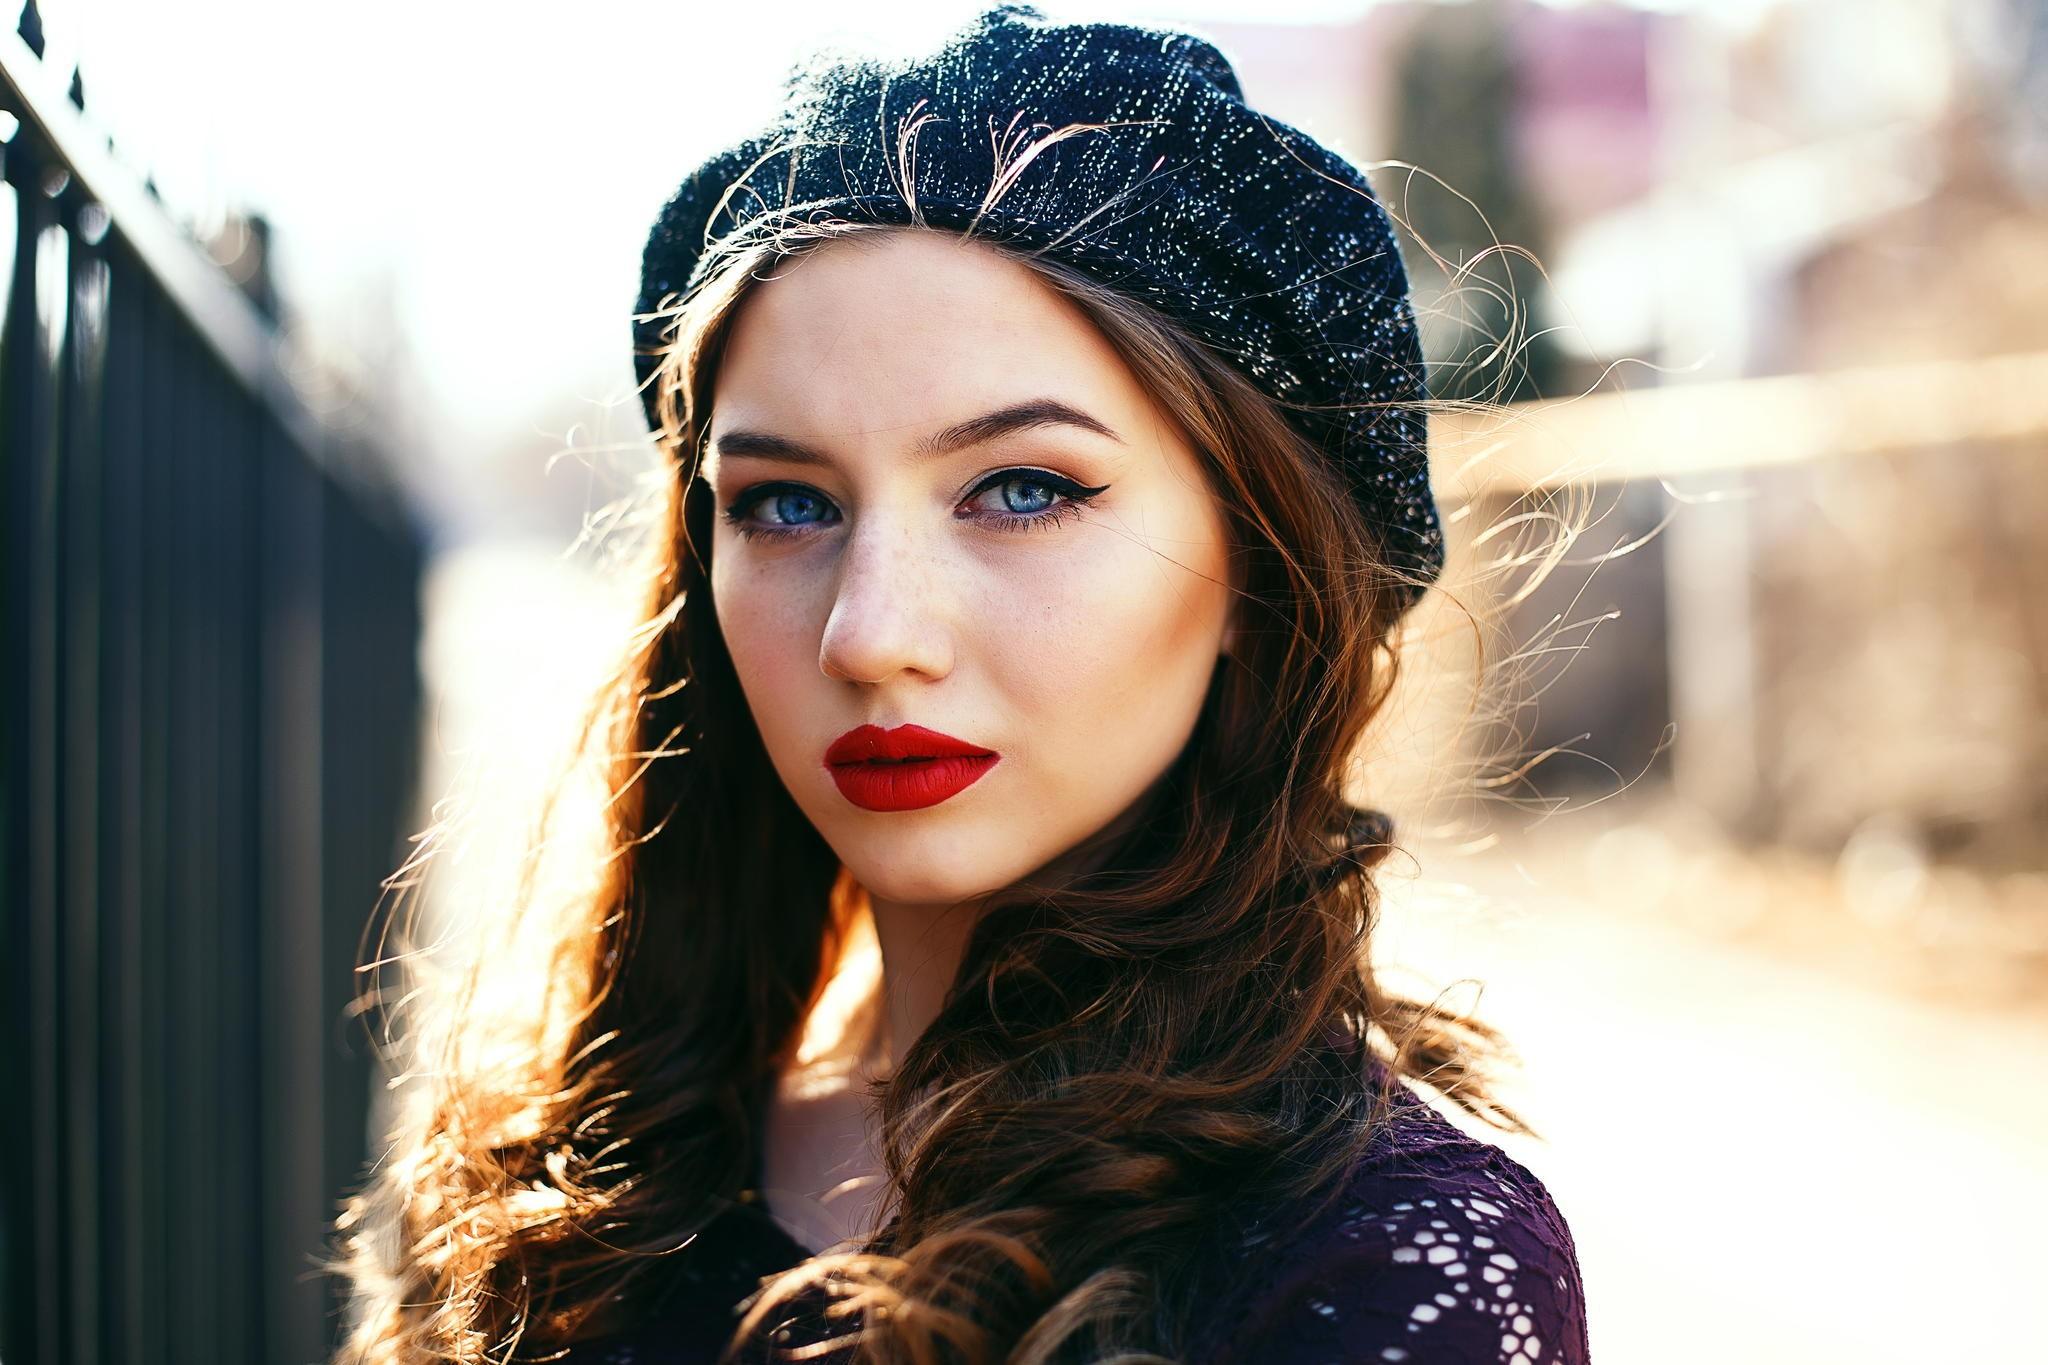 Red Lipstick Brown Hair Blue Eyes: Baggrunde : Ansigt, Kvinder, Rødhåret, Model, Portræt